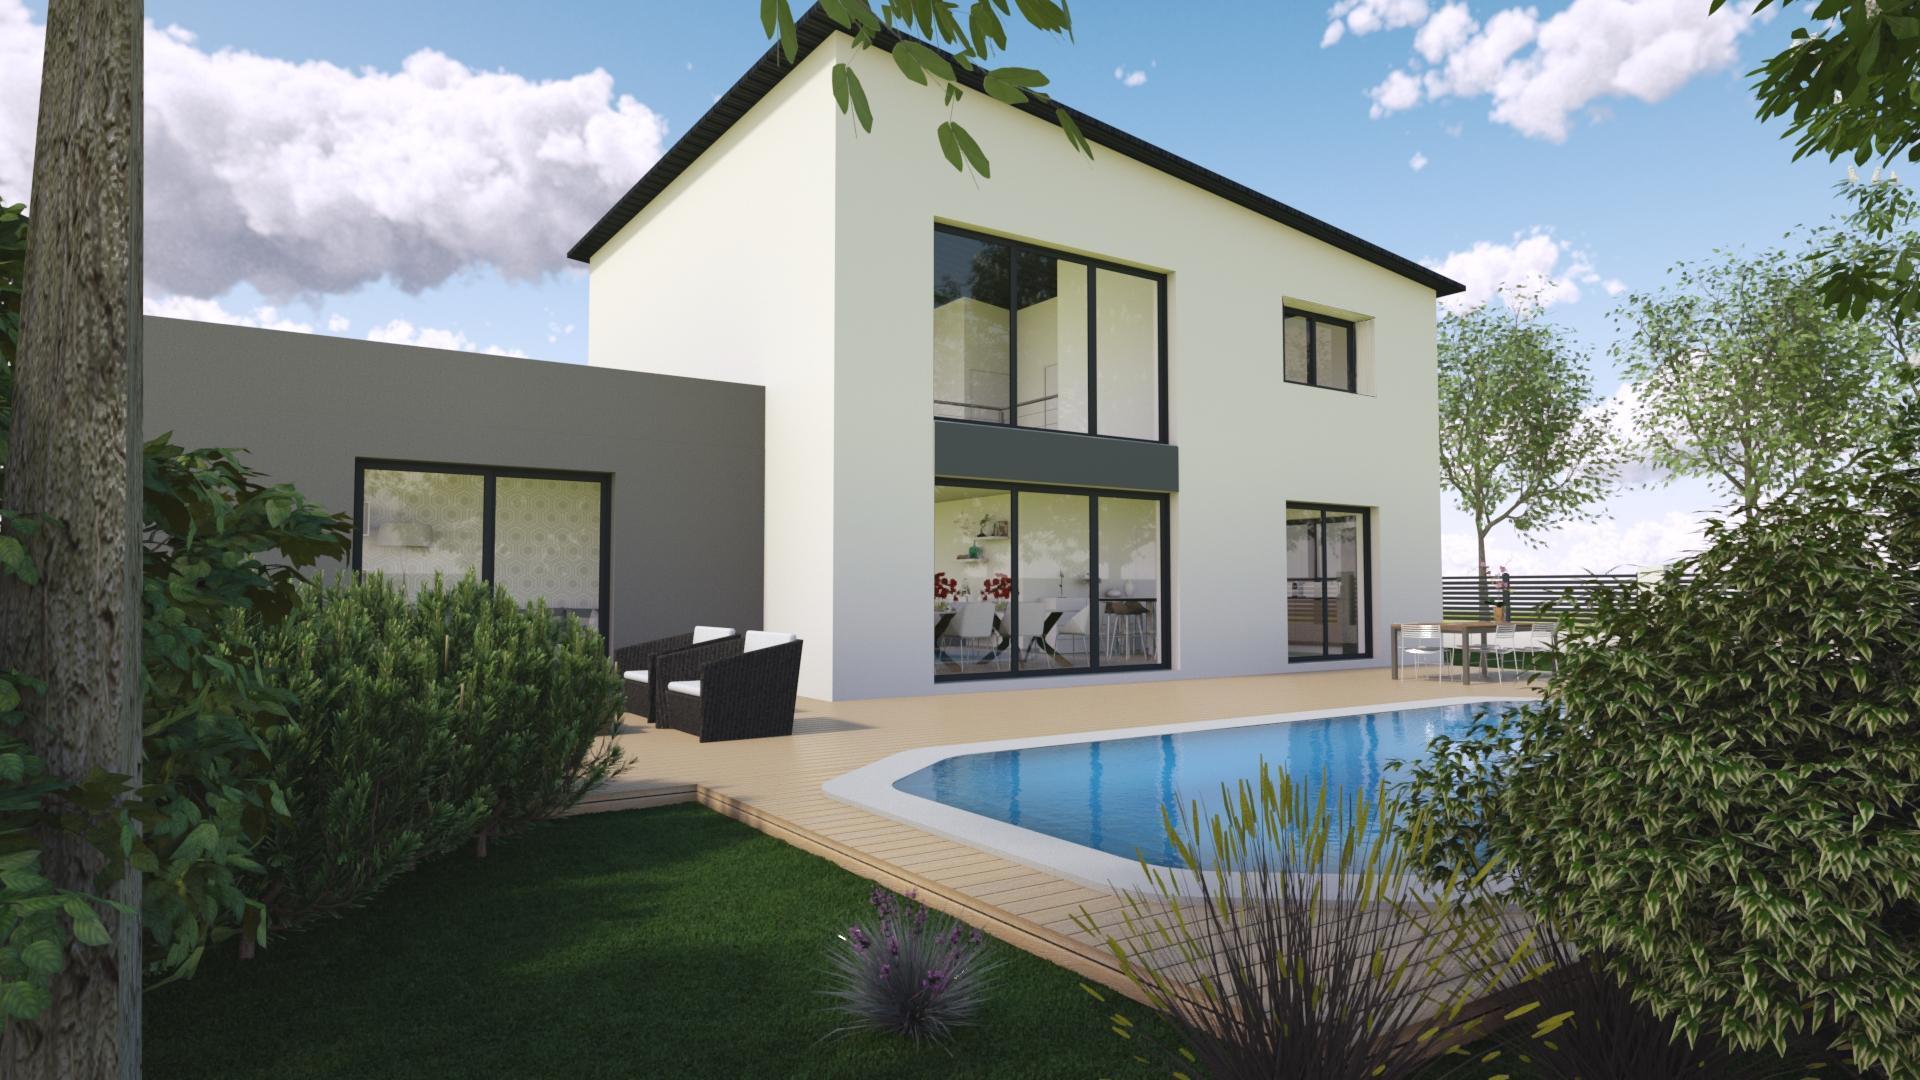 Maison créée à l'aide d'un Logiciel d'architecture 3D